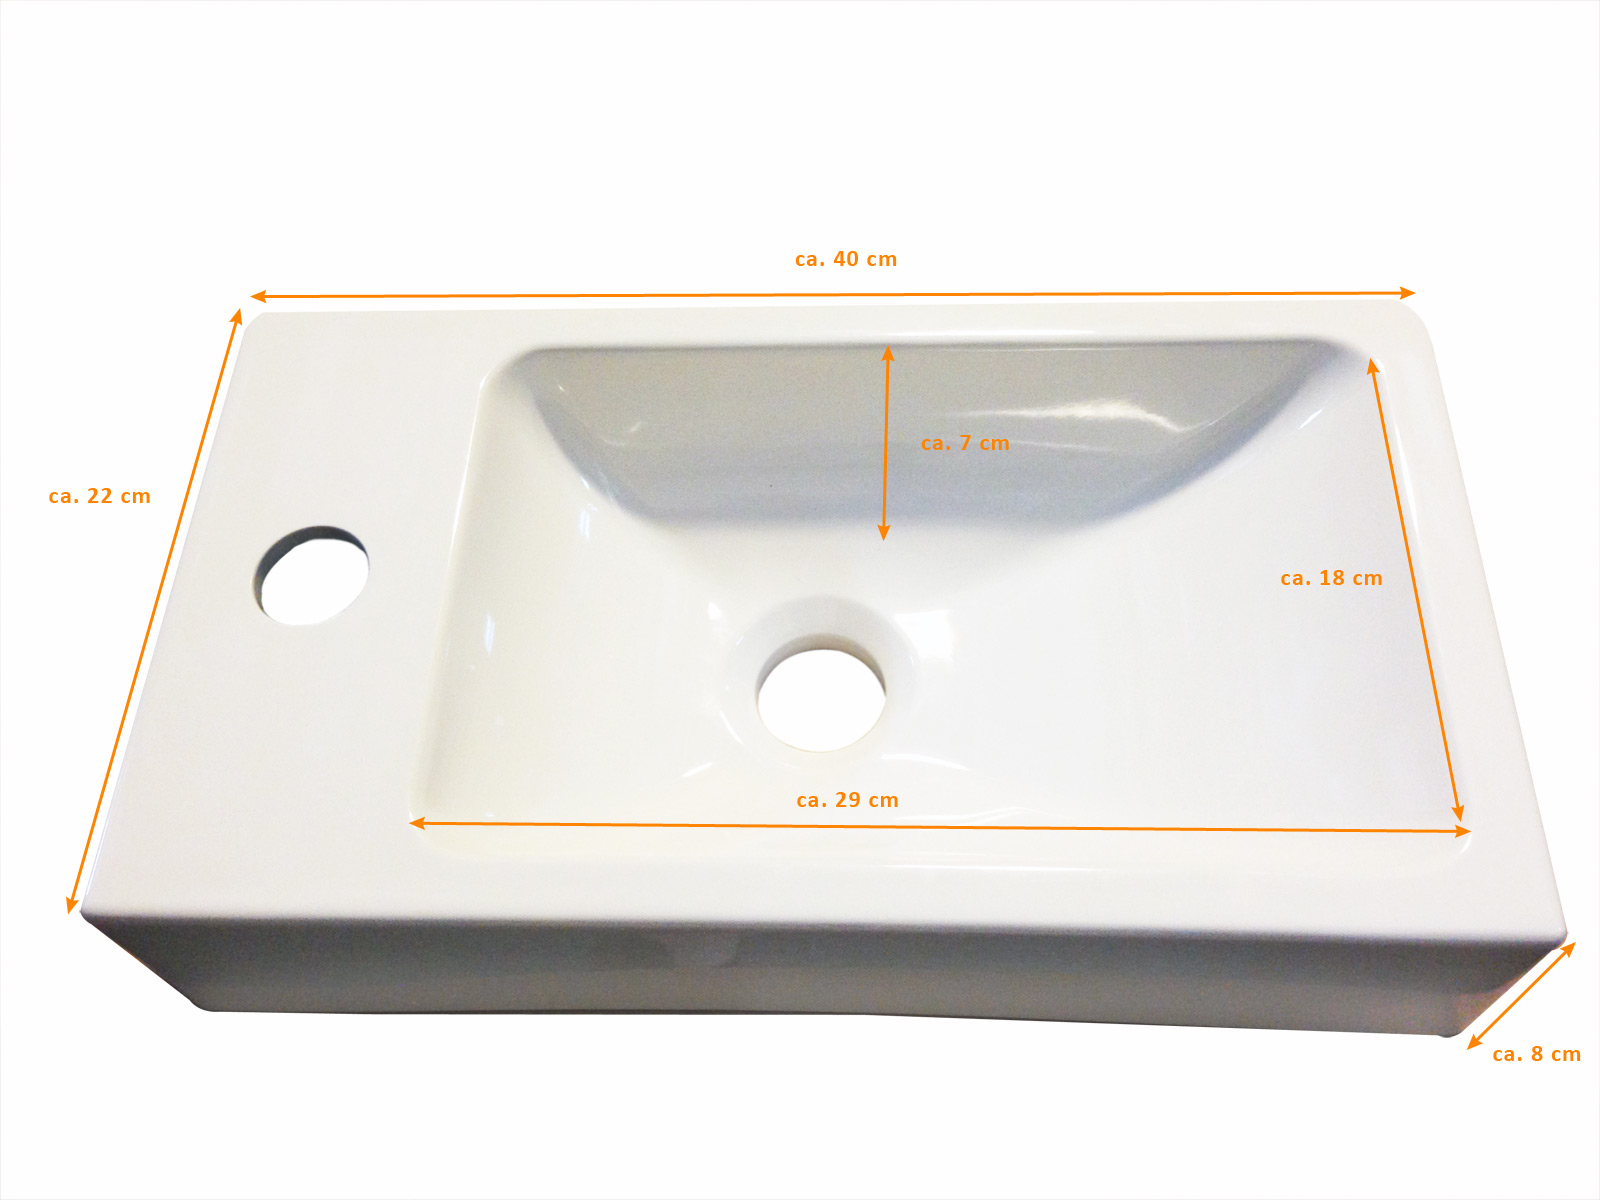 Sehr SAM® Gäste-WC Waschbecken 40 x 22 cm weiß Vega AN42